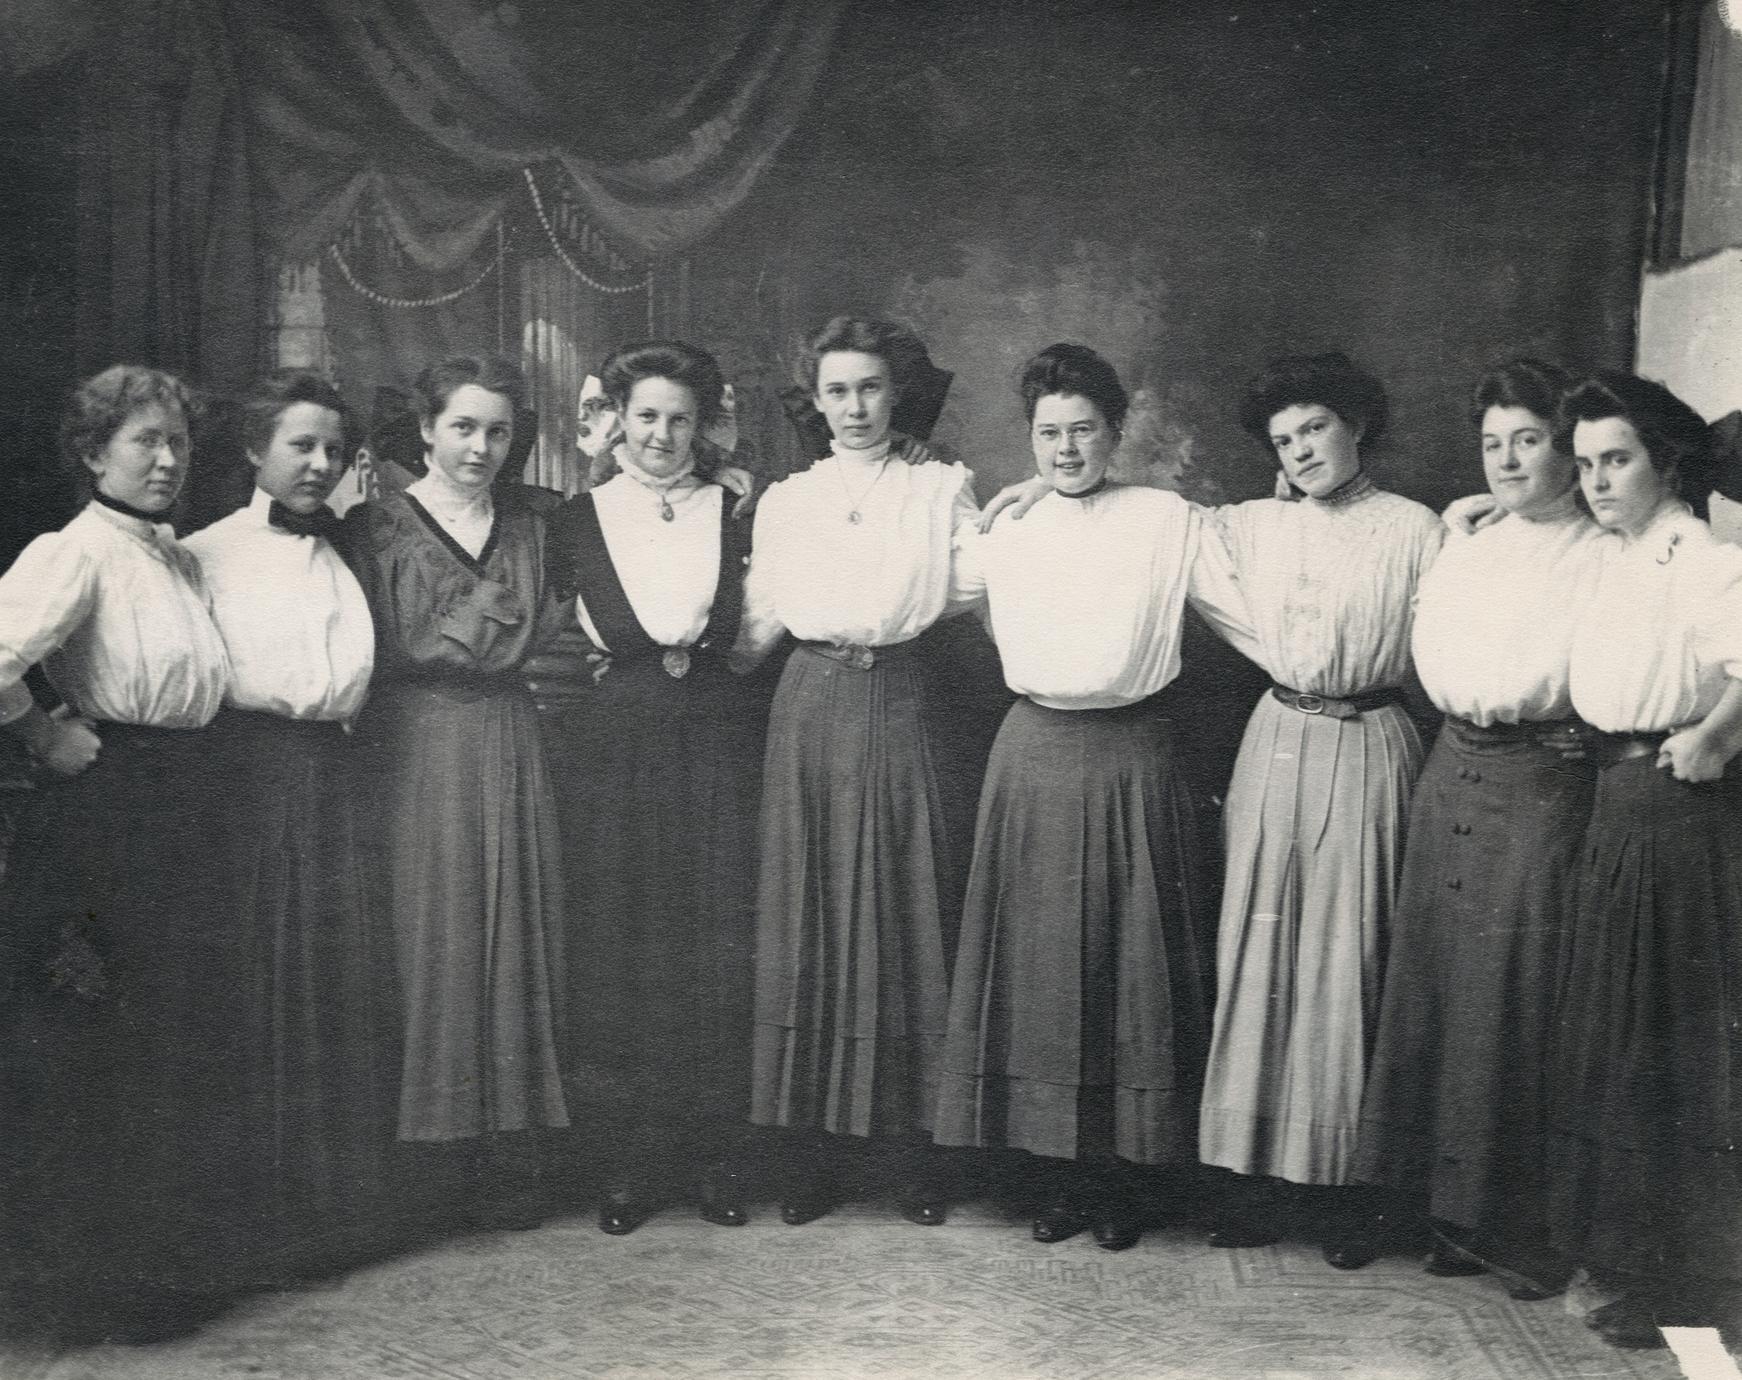 Students at River Falls Normal School, 1911